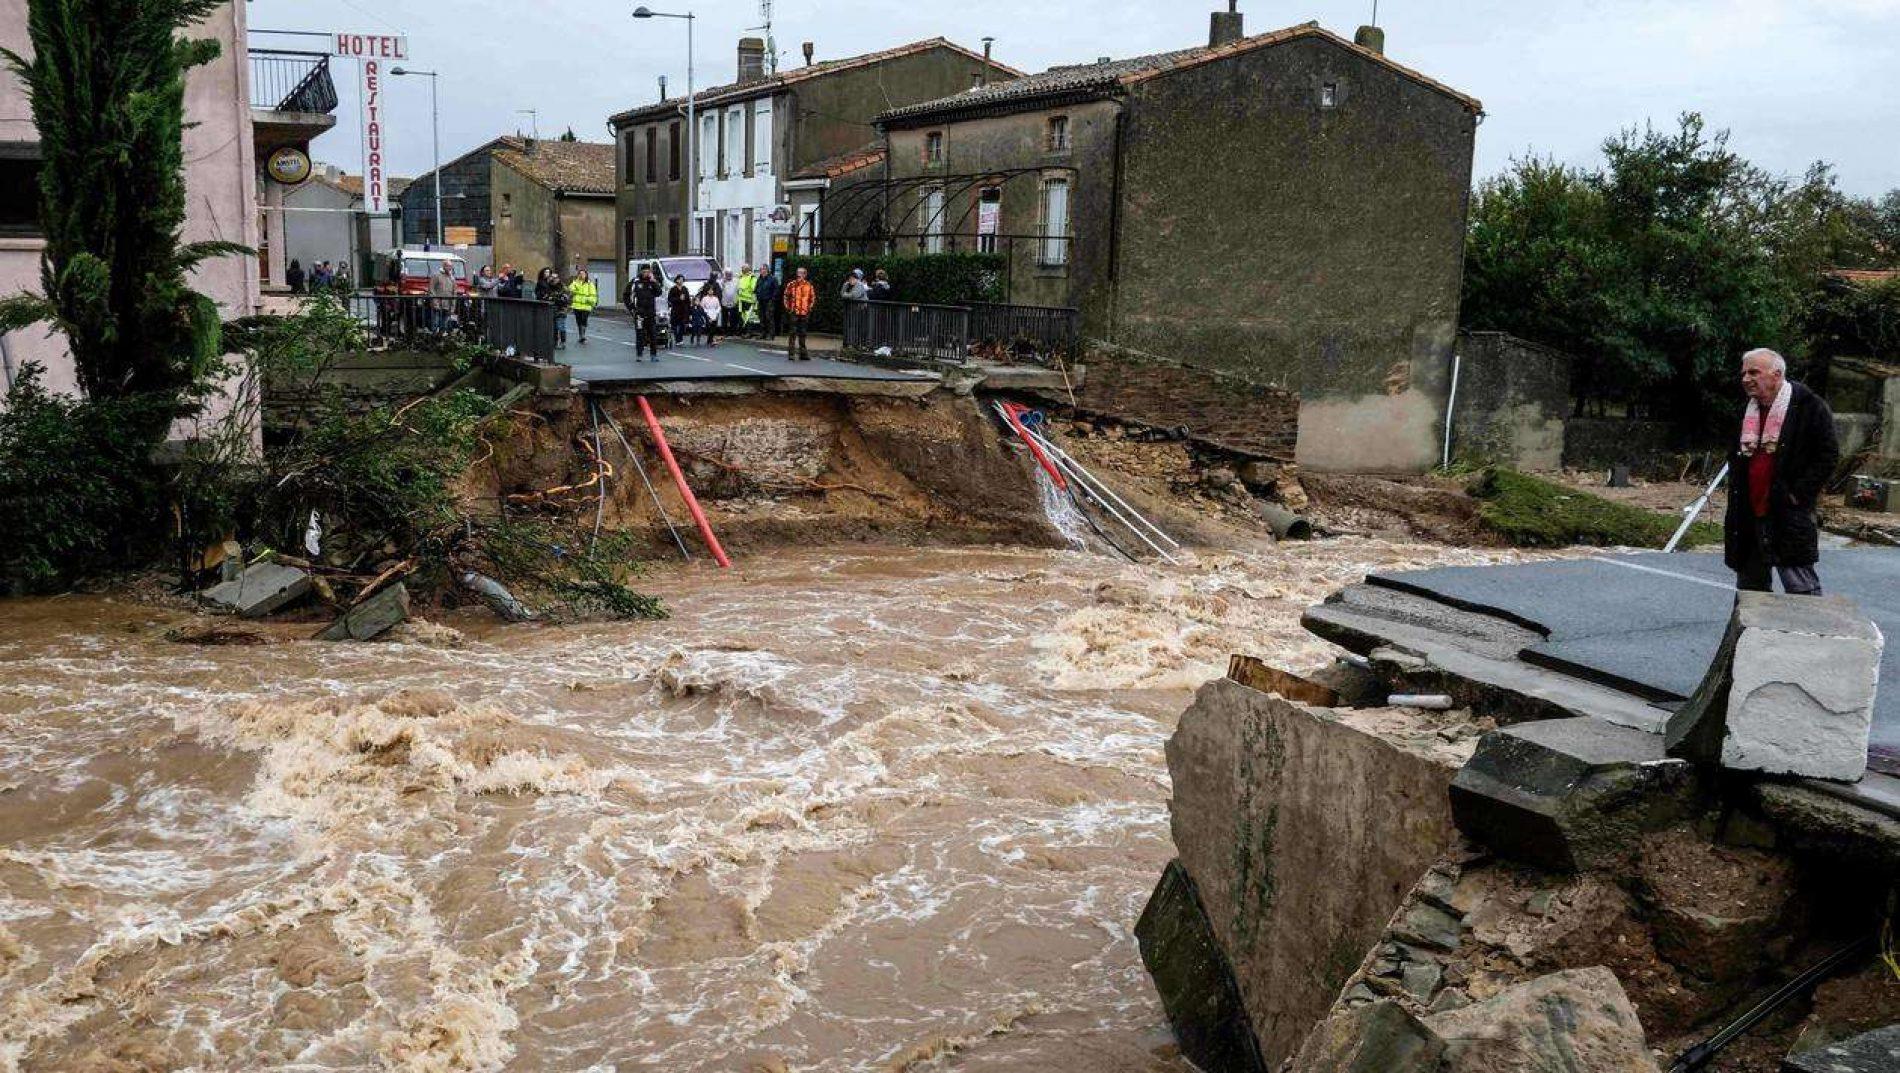 France – Inondations dans l'Aude : 126 communes en état de catastrophe naturelle